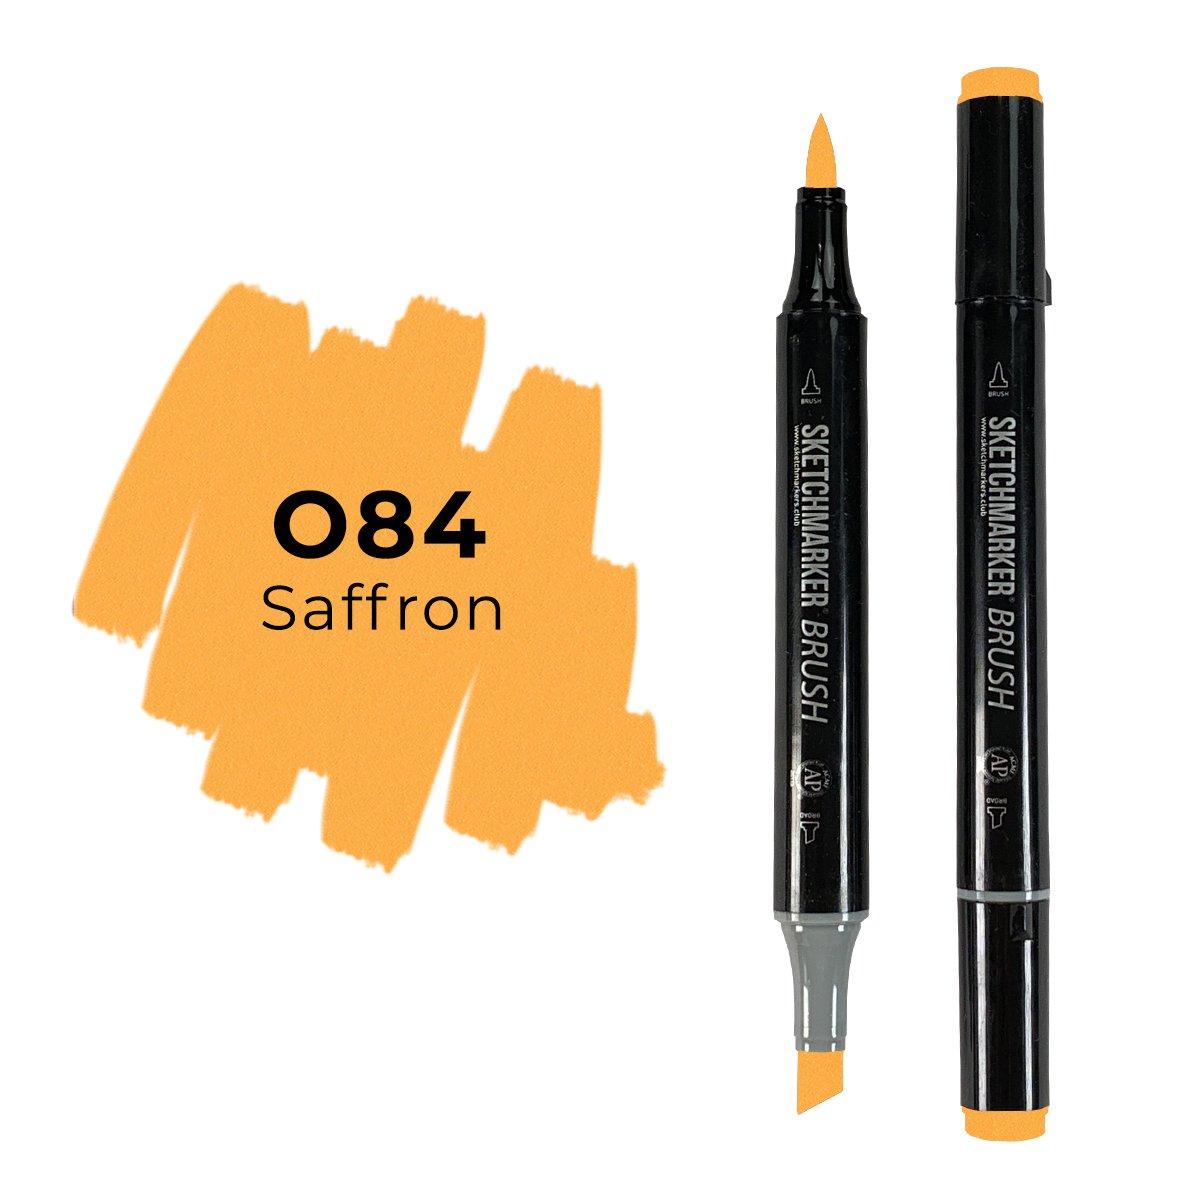 SKETCHMARKER BRUSH PRO Color: Saffron